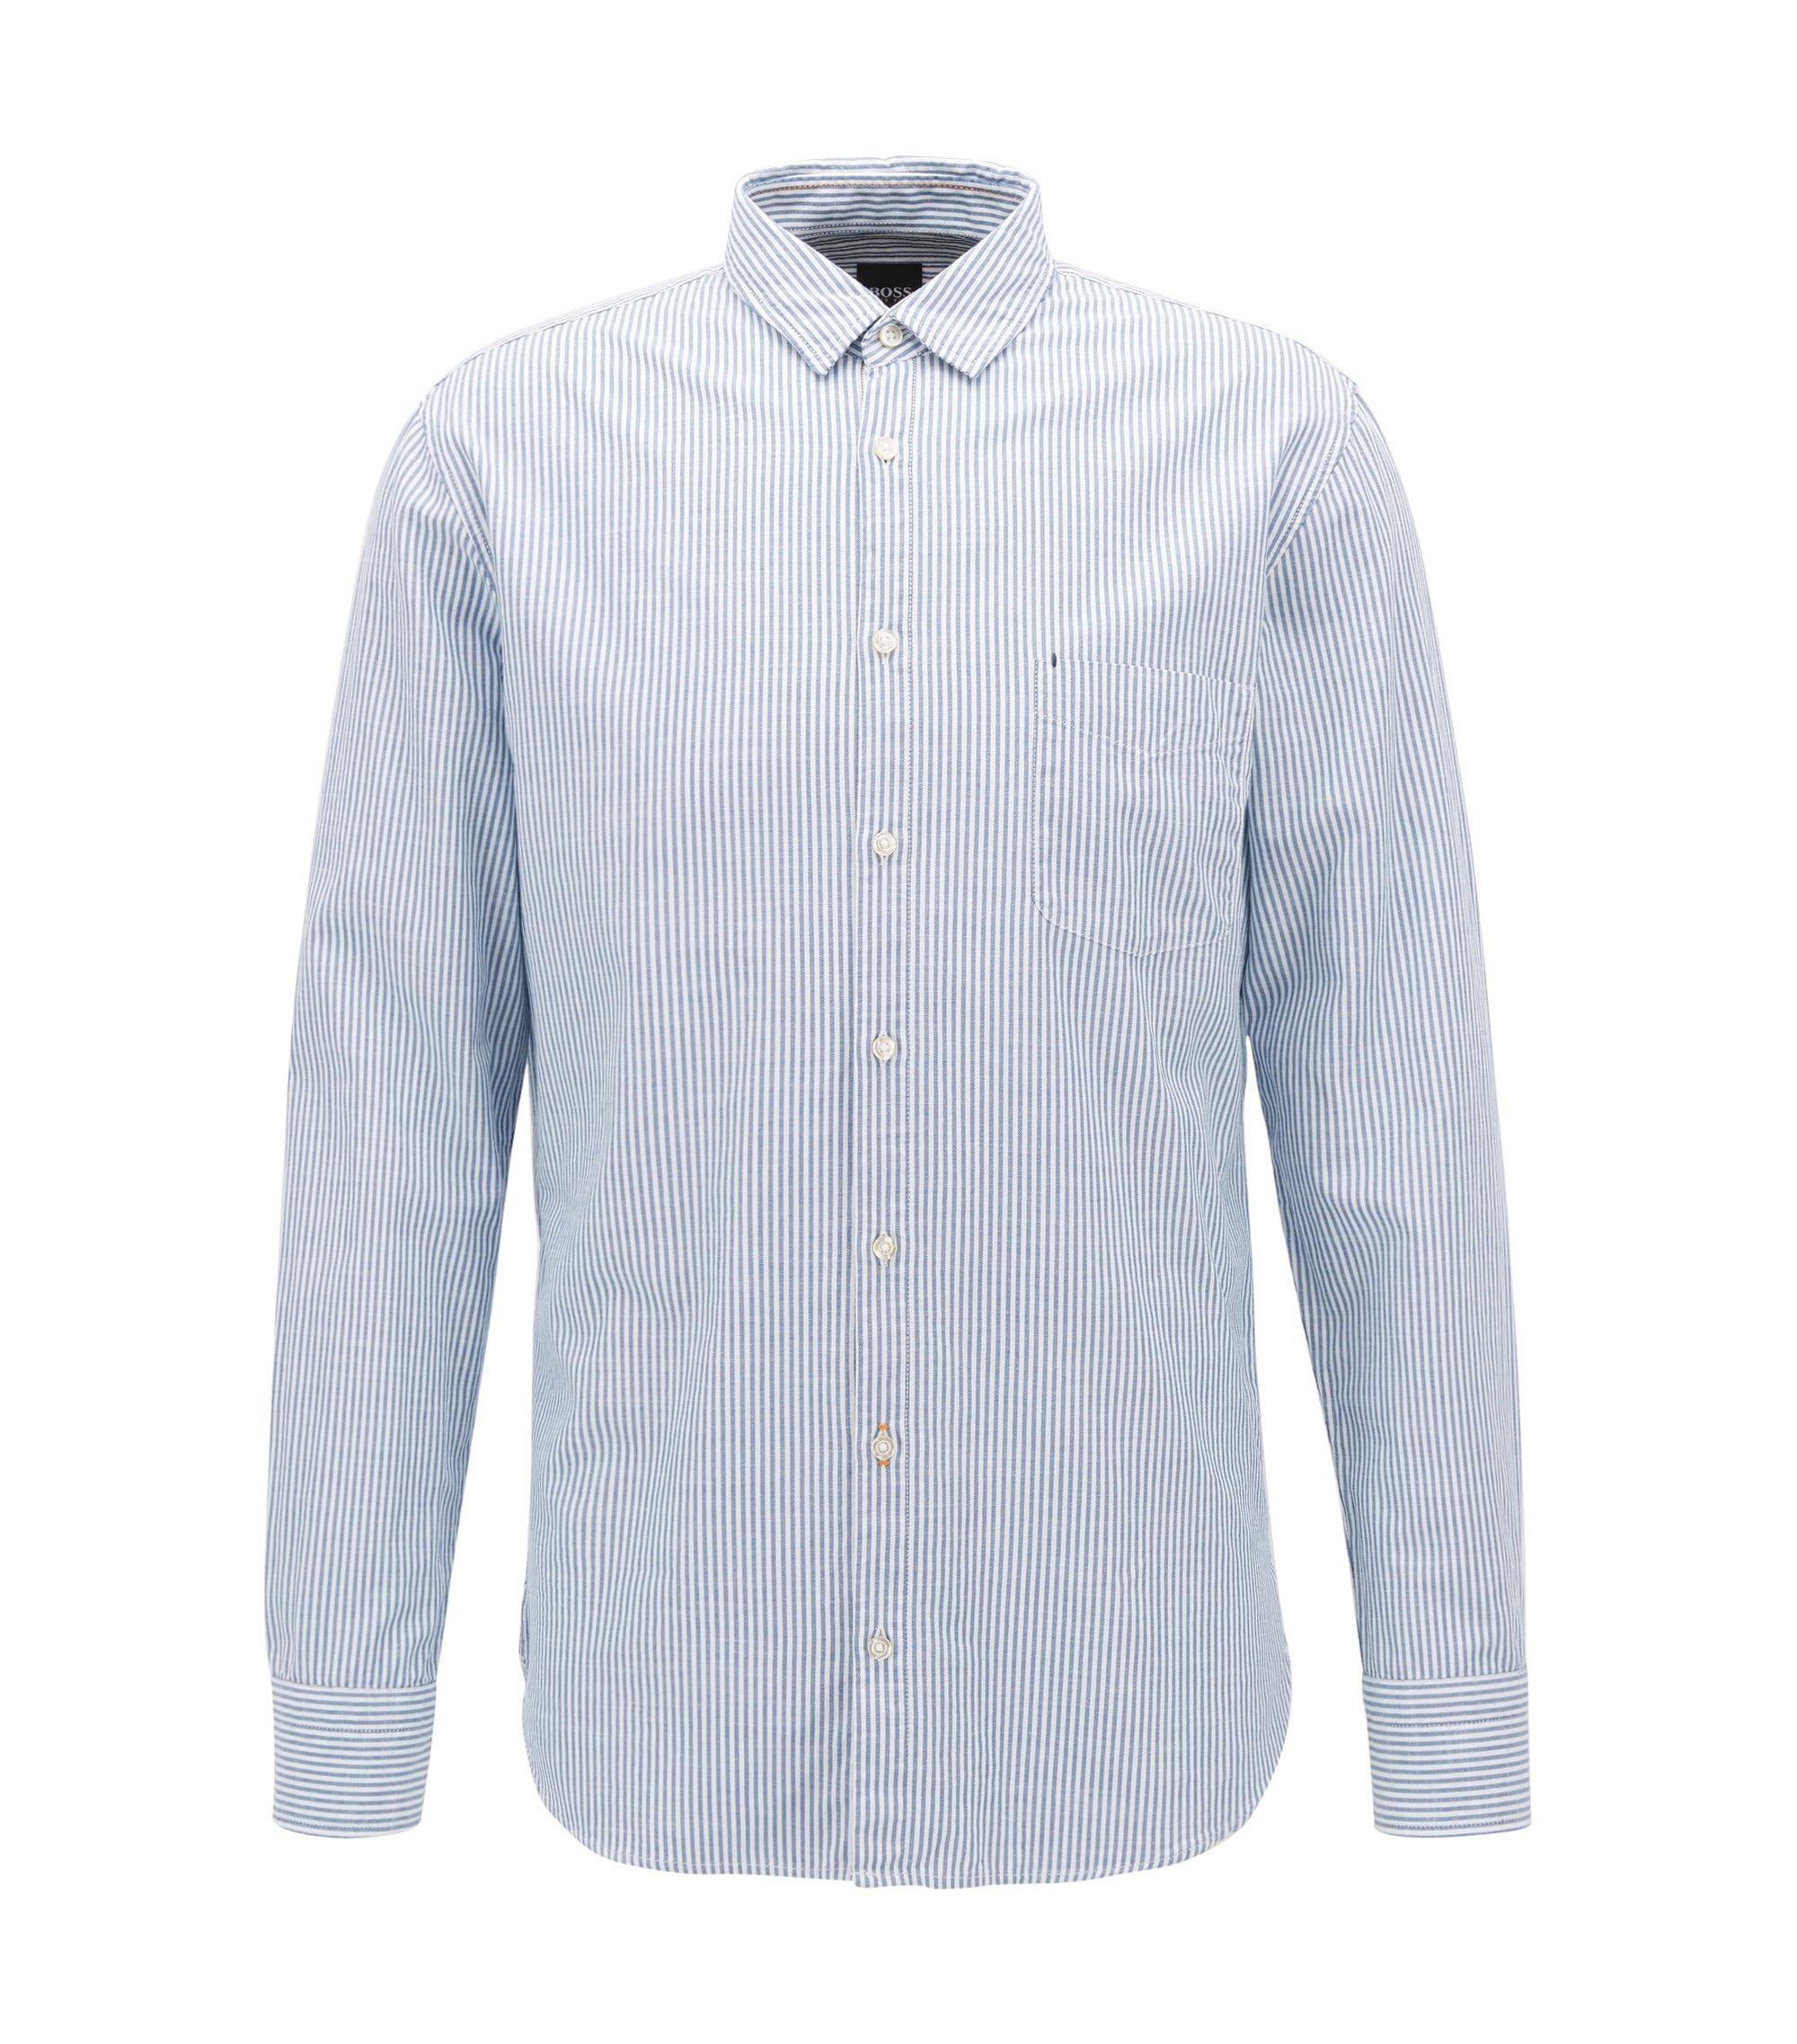 Chemise Slim Fit en coton flammé à rayures, Bleu